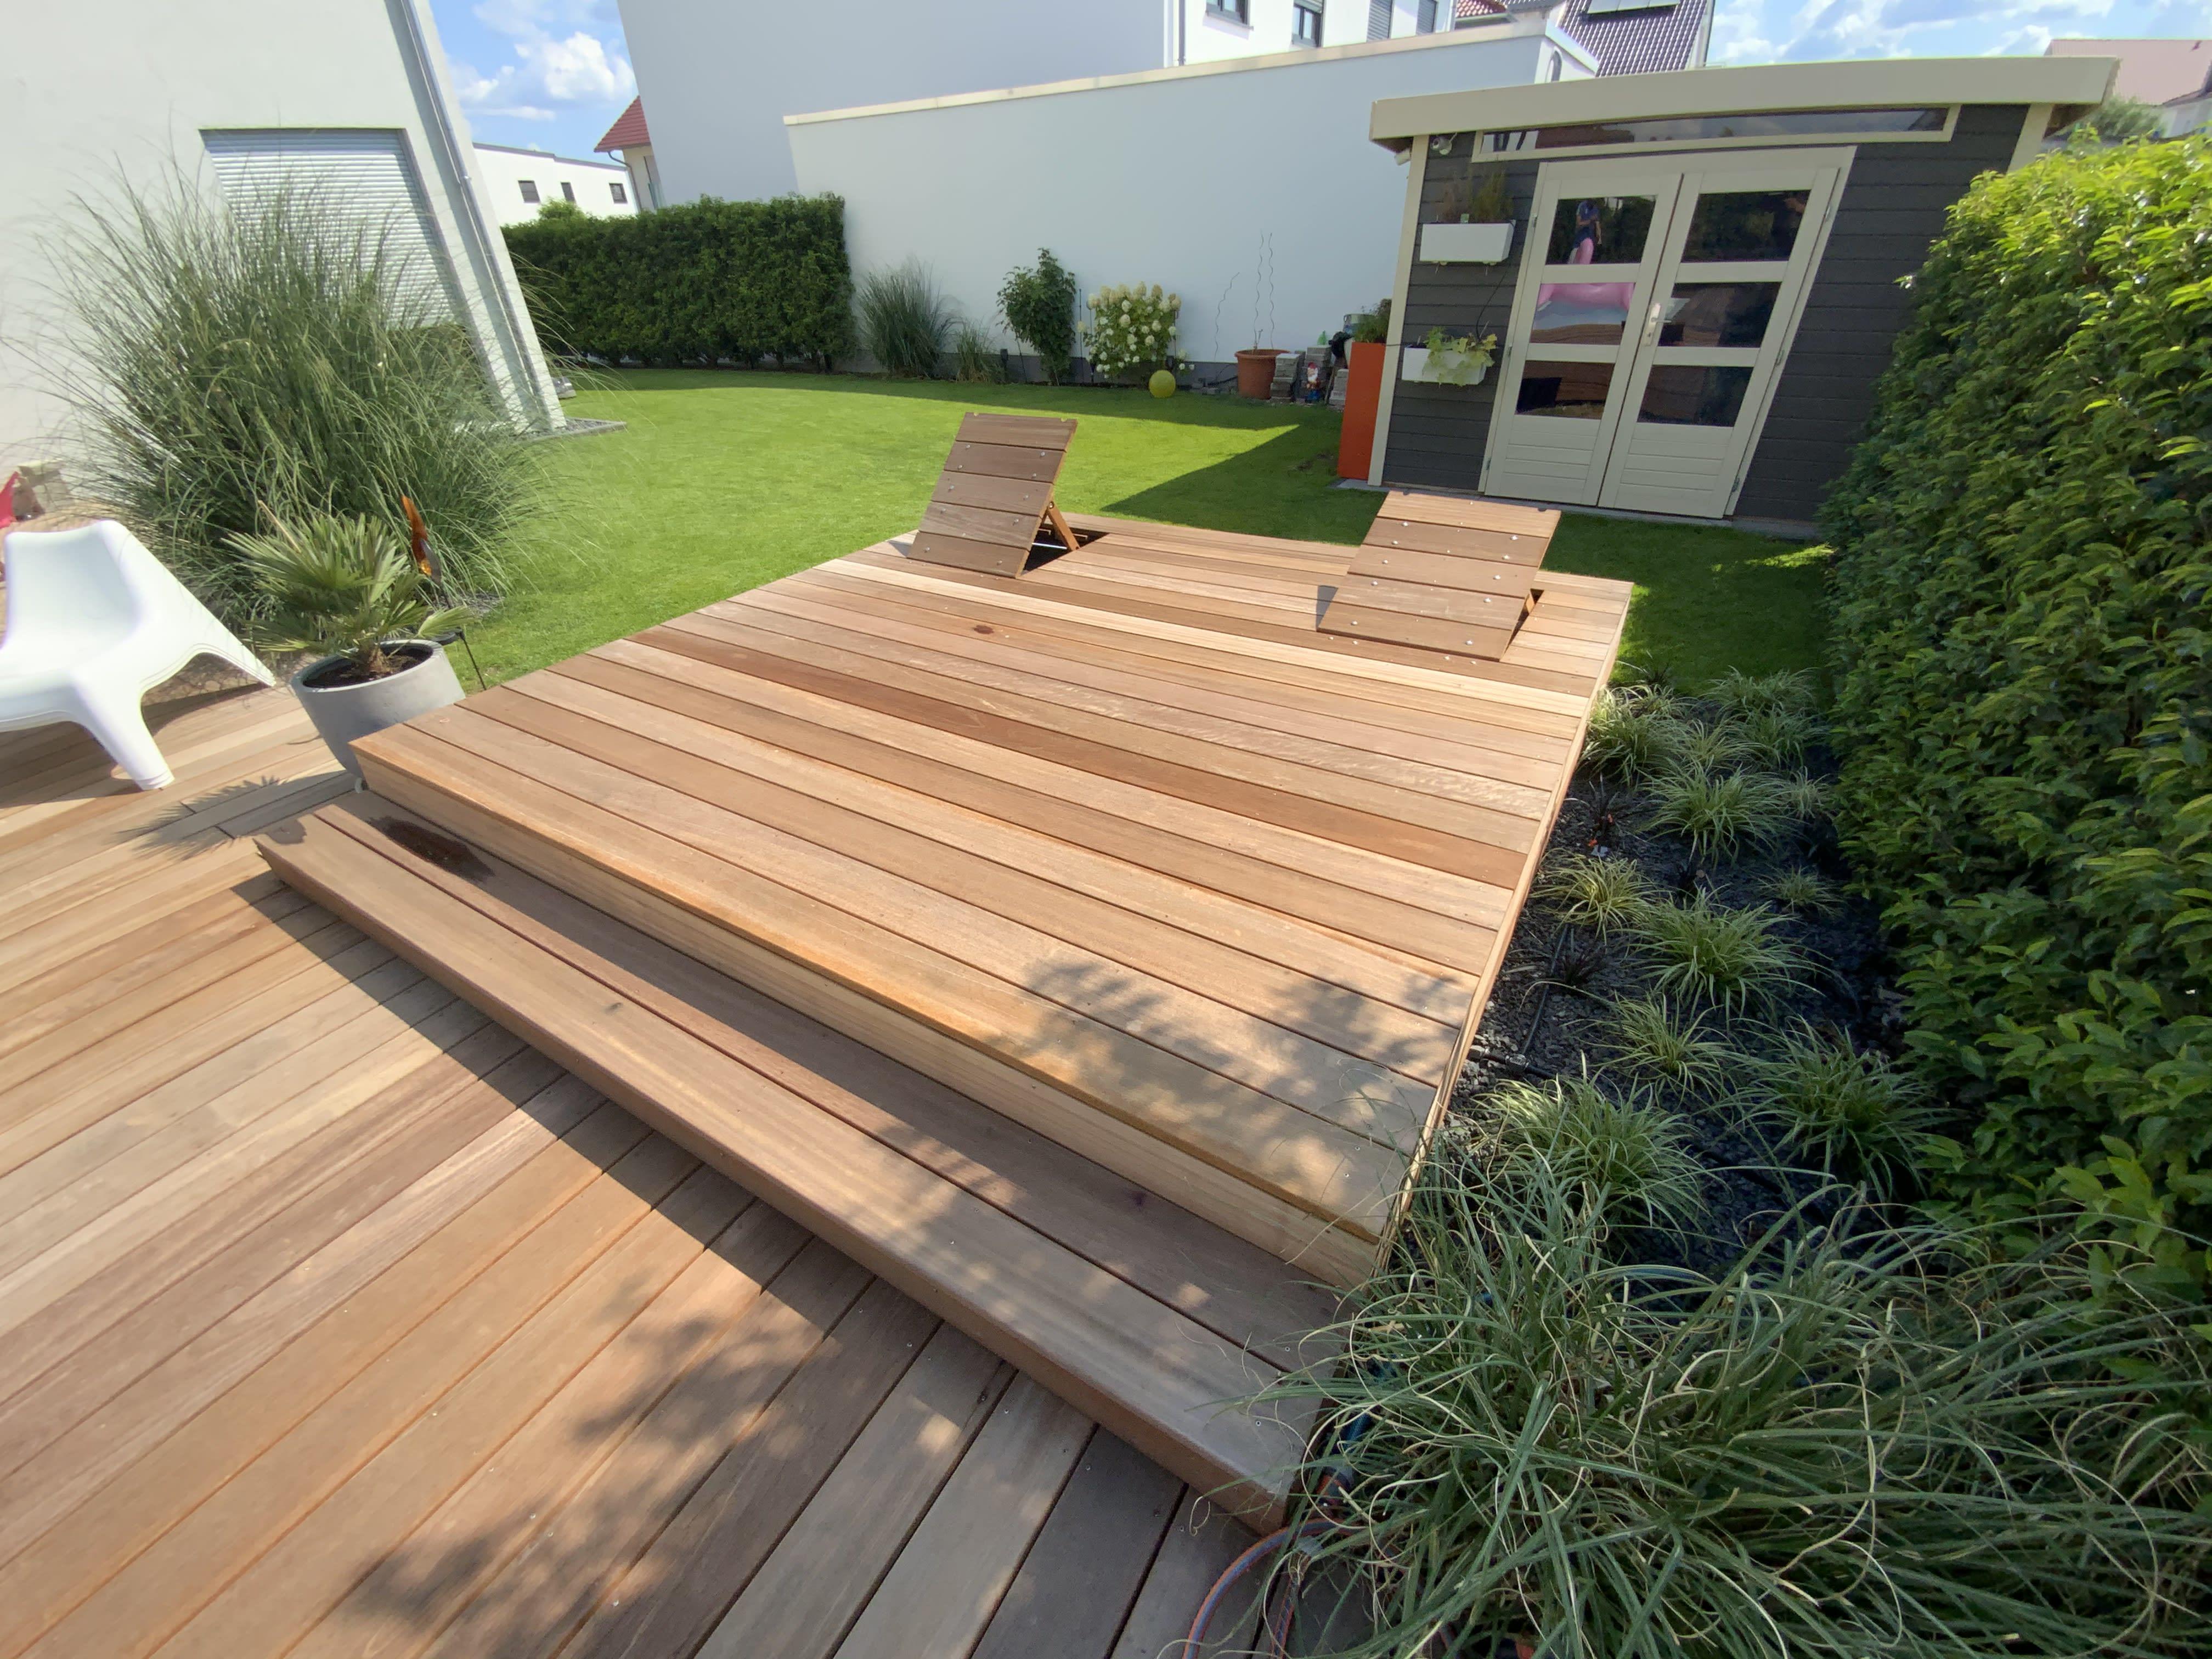 Garten mit Pool und Flamingo, Holzdeckung mit Sitzen